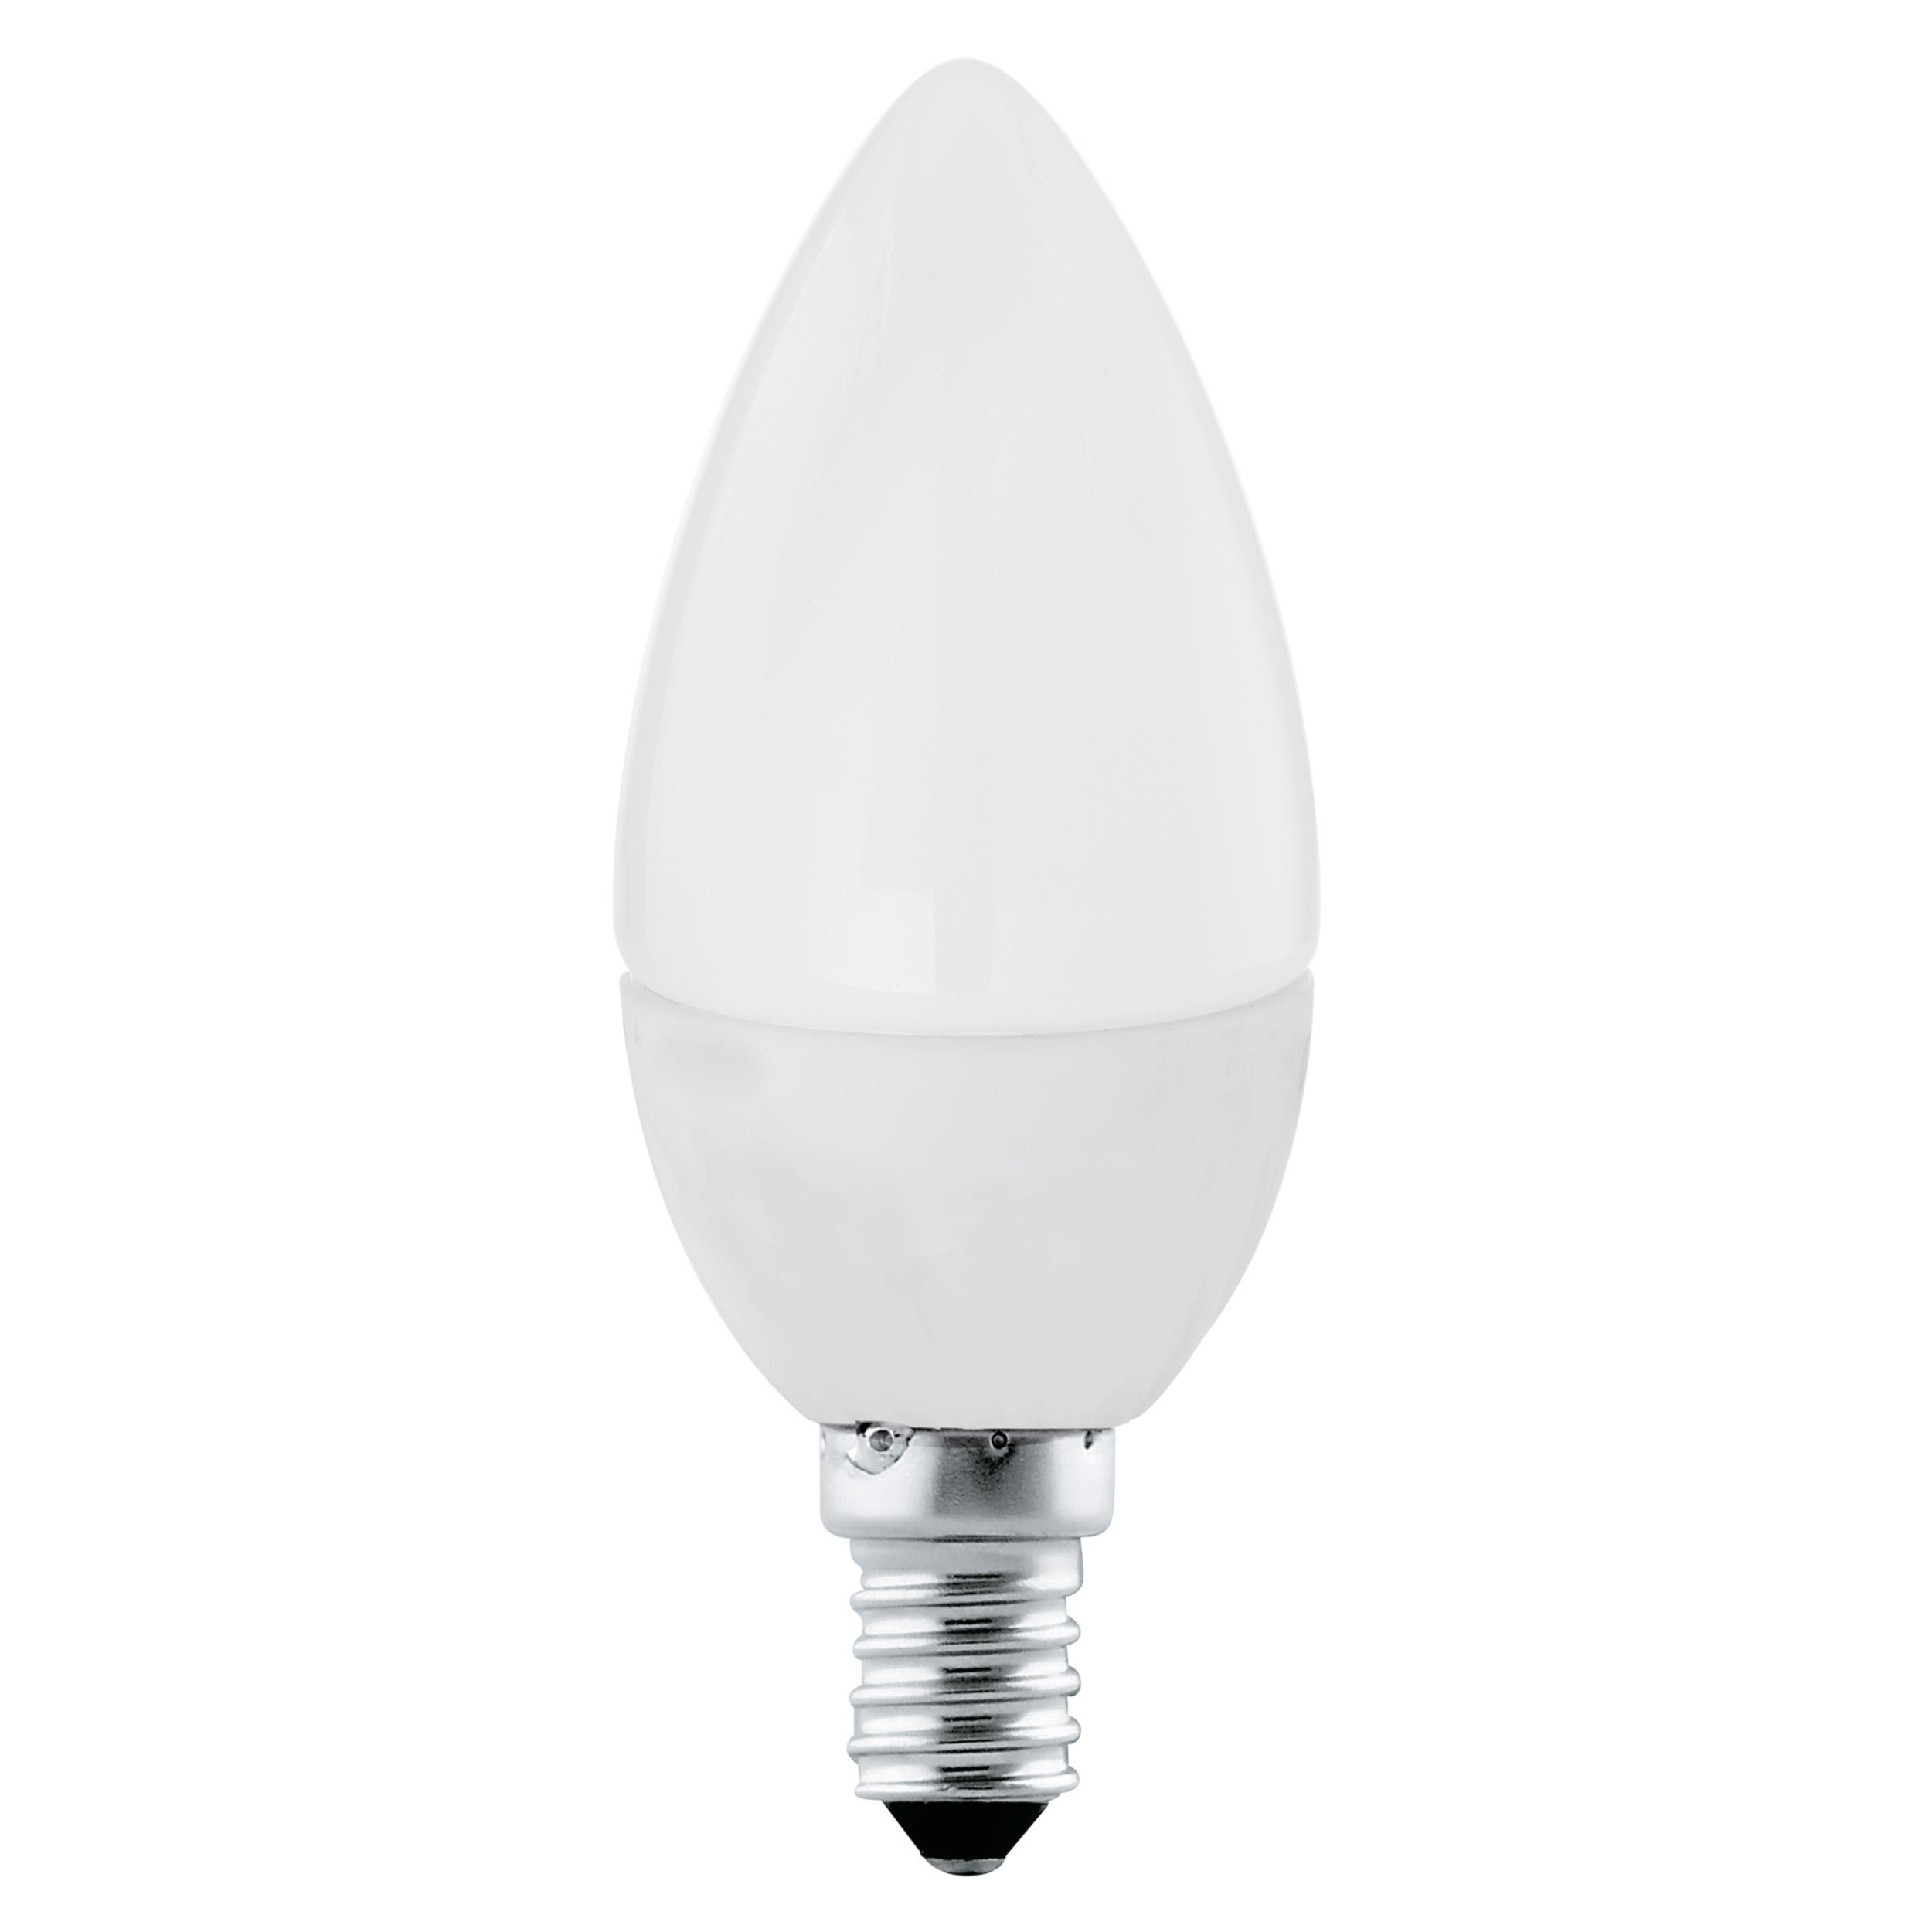 1 Stk E14-LED-C37 4W / Kerze 3000  LI69182---